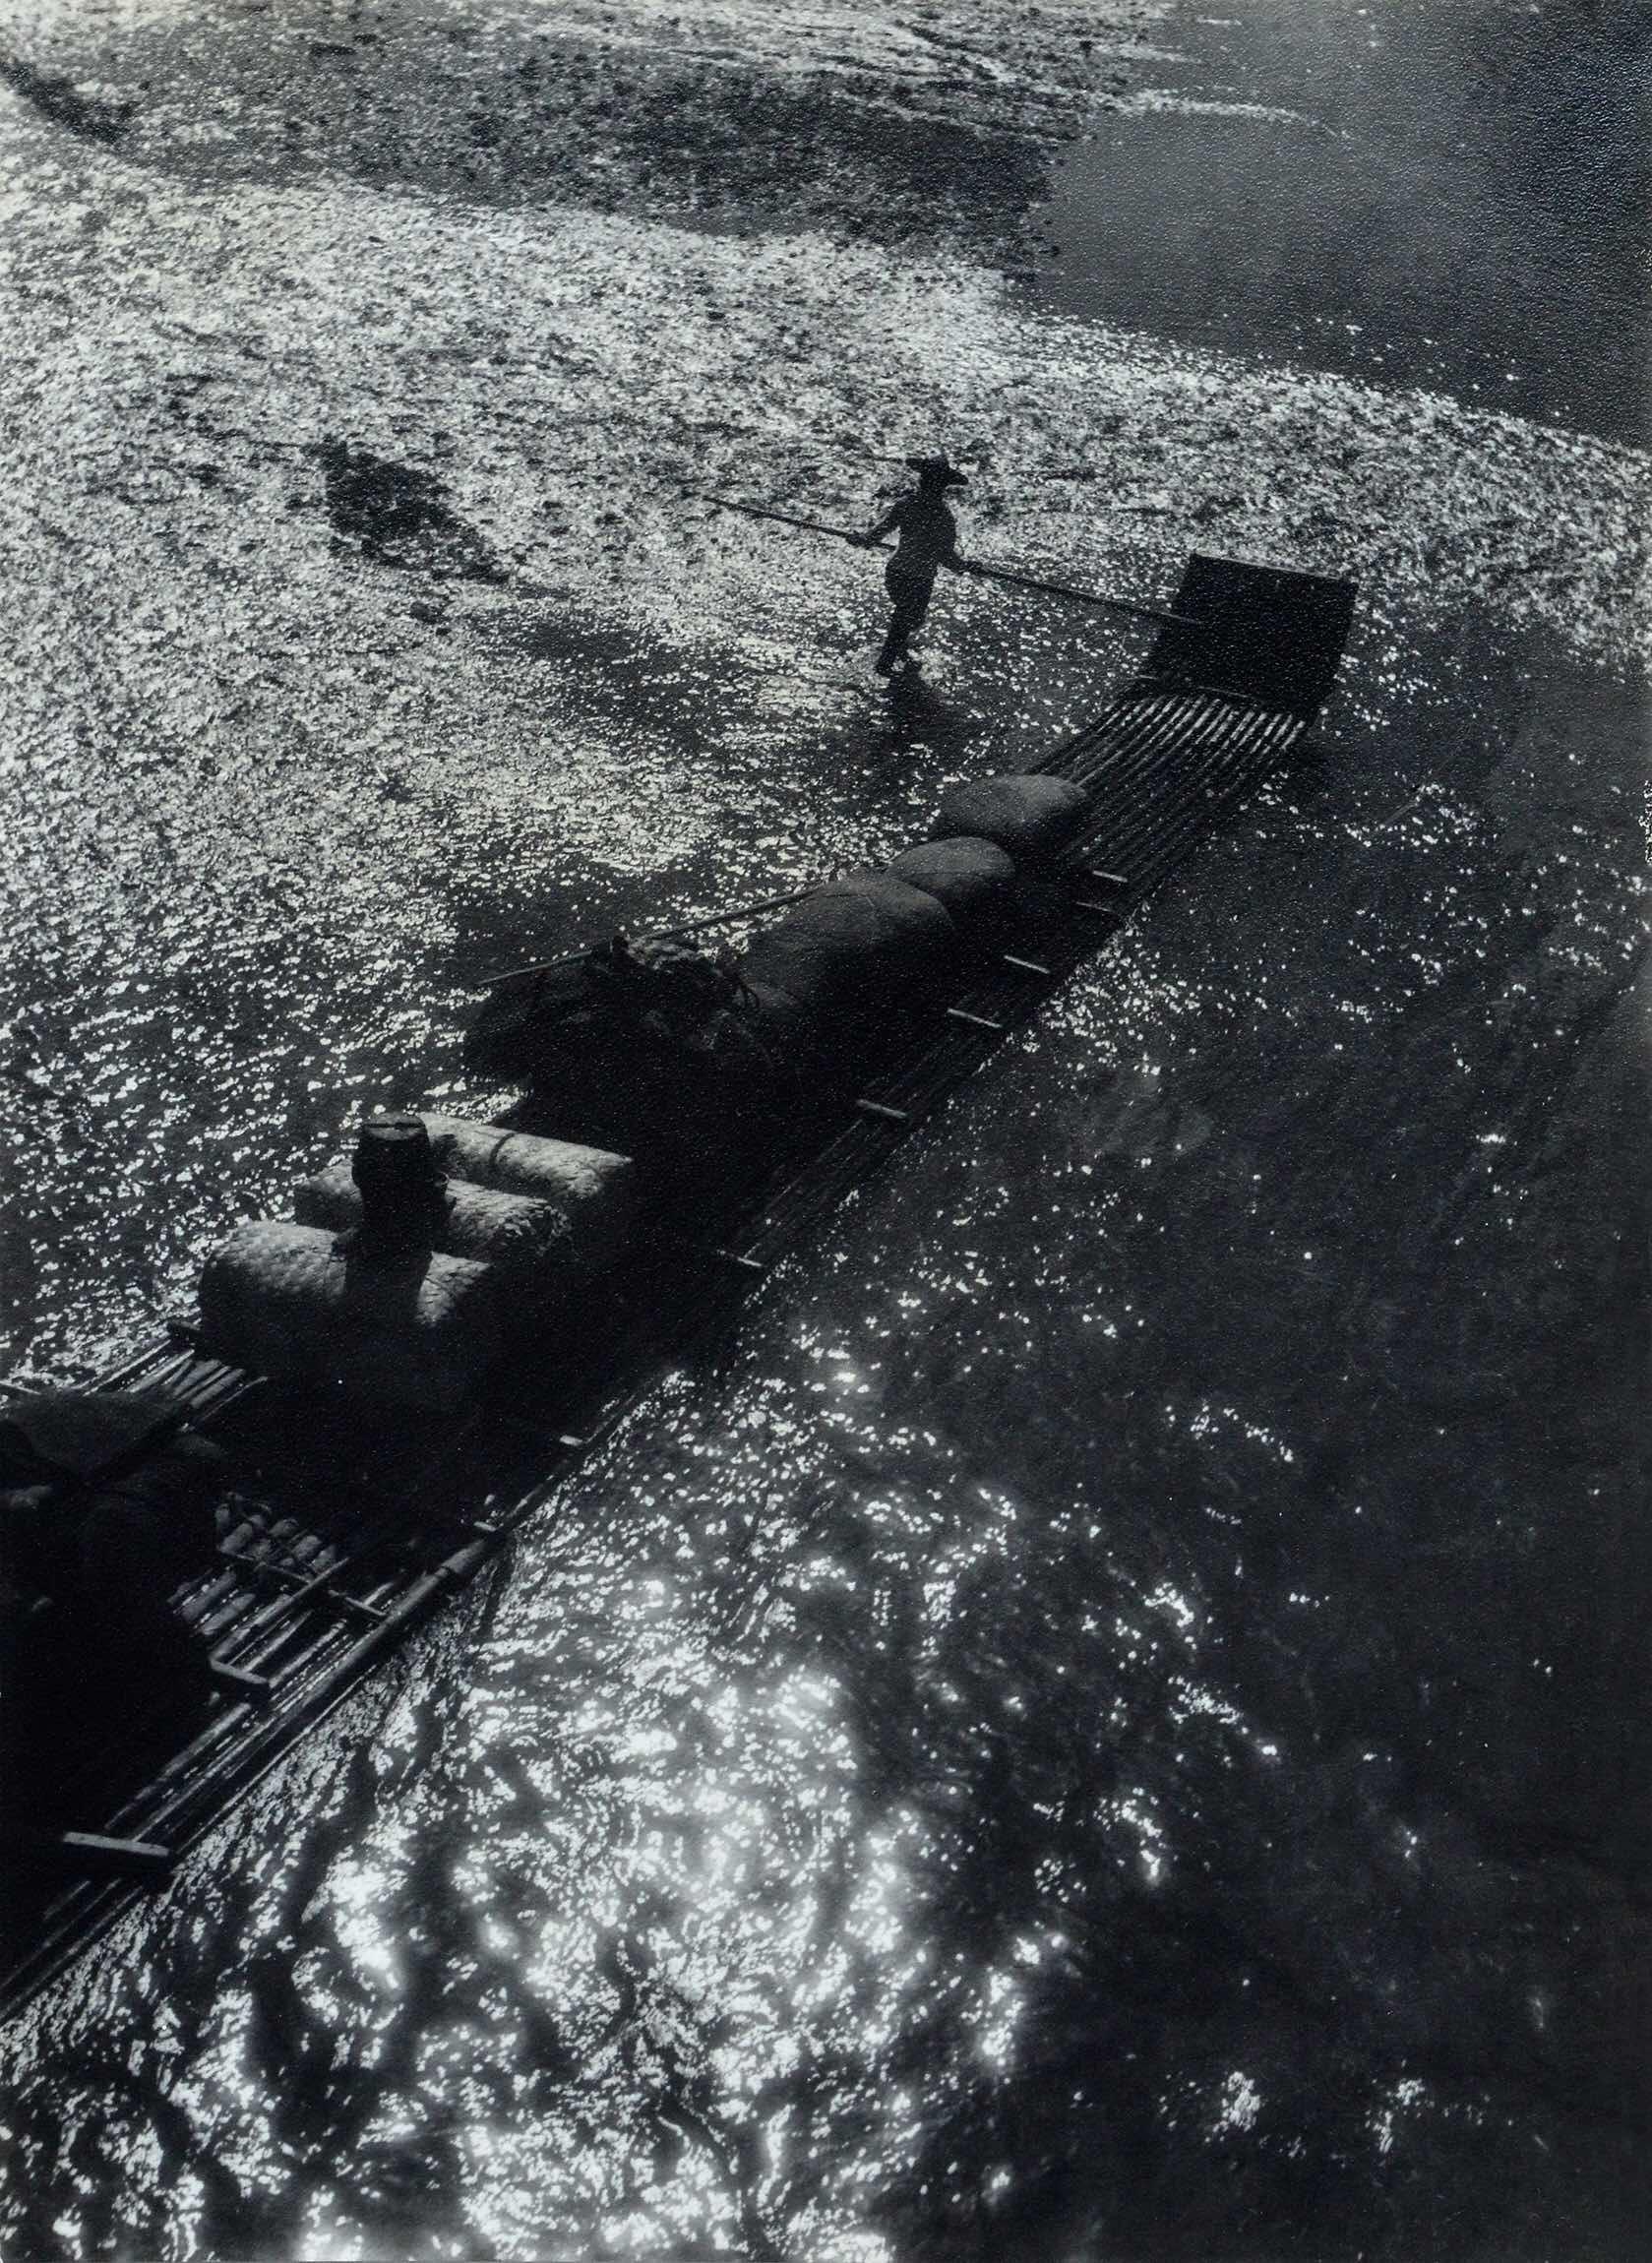 Chin-San Long, The Raft